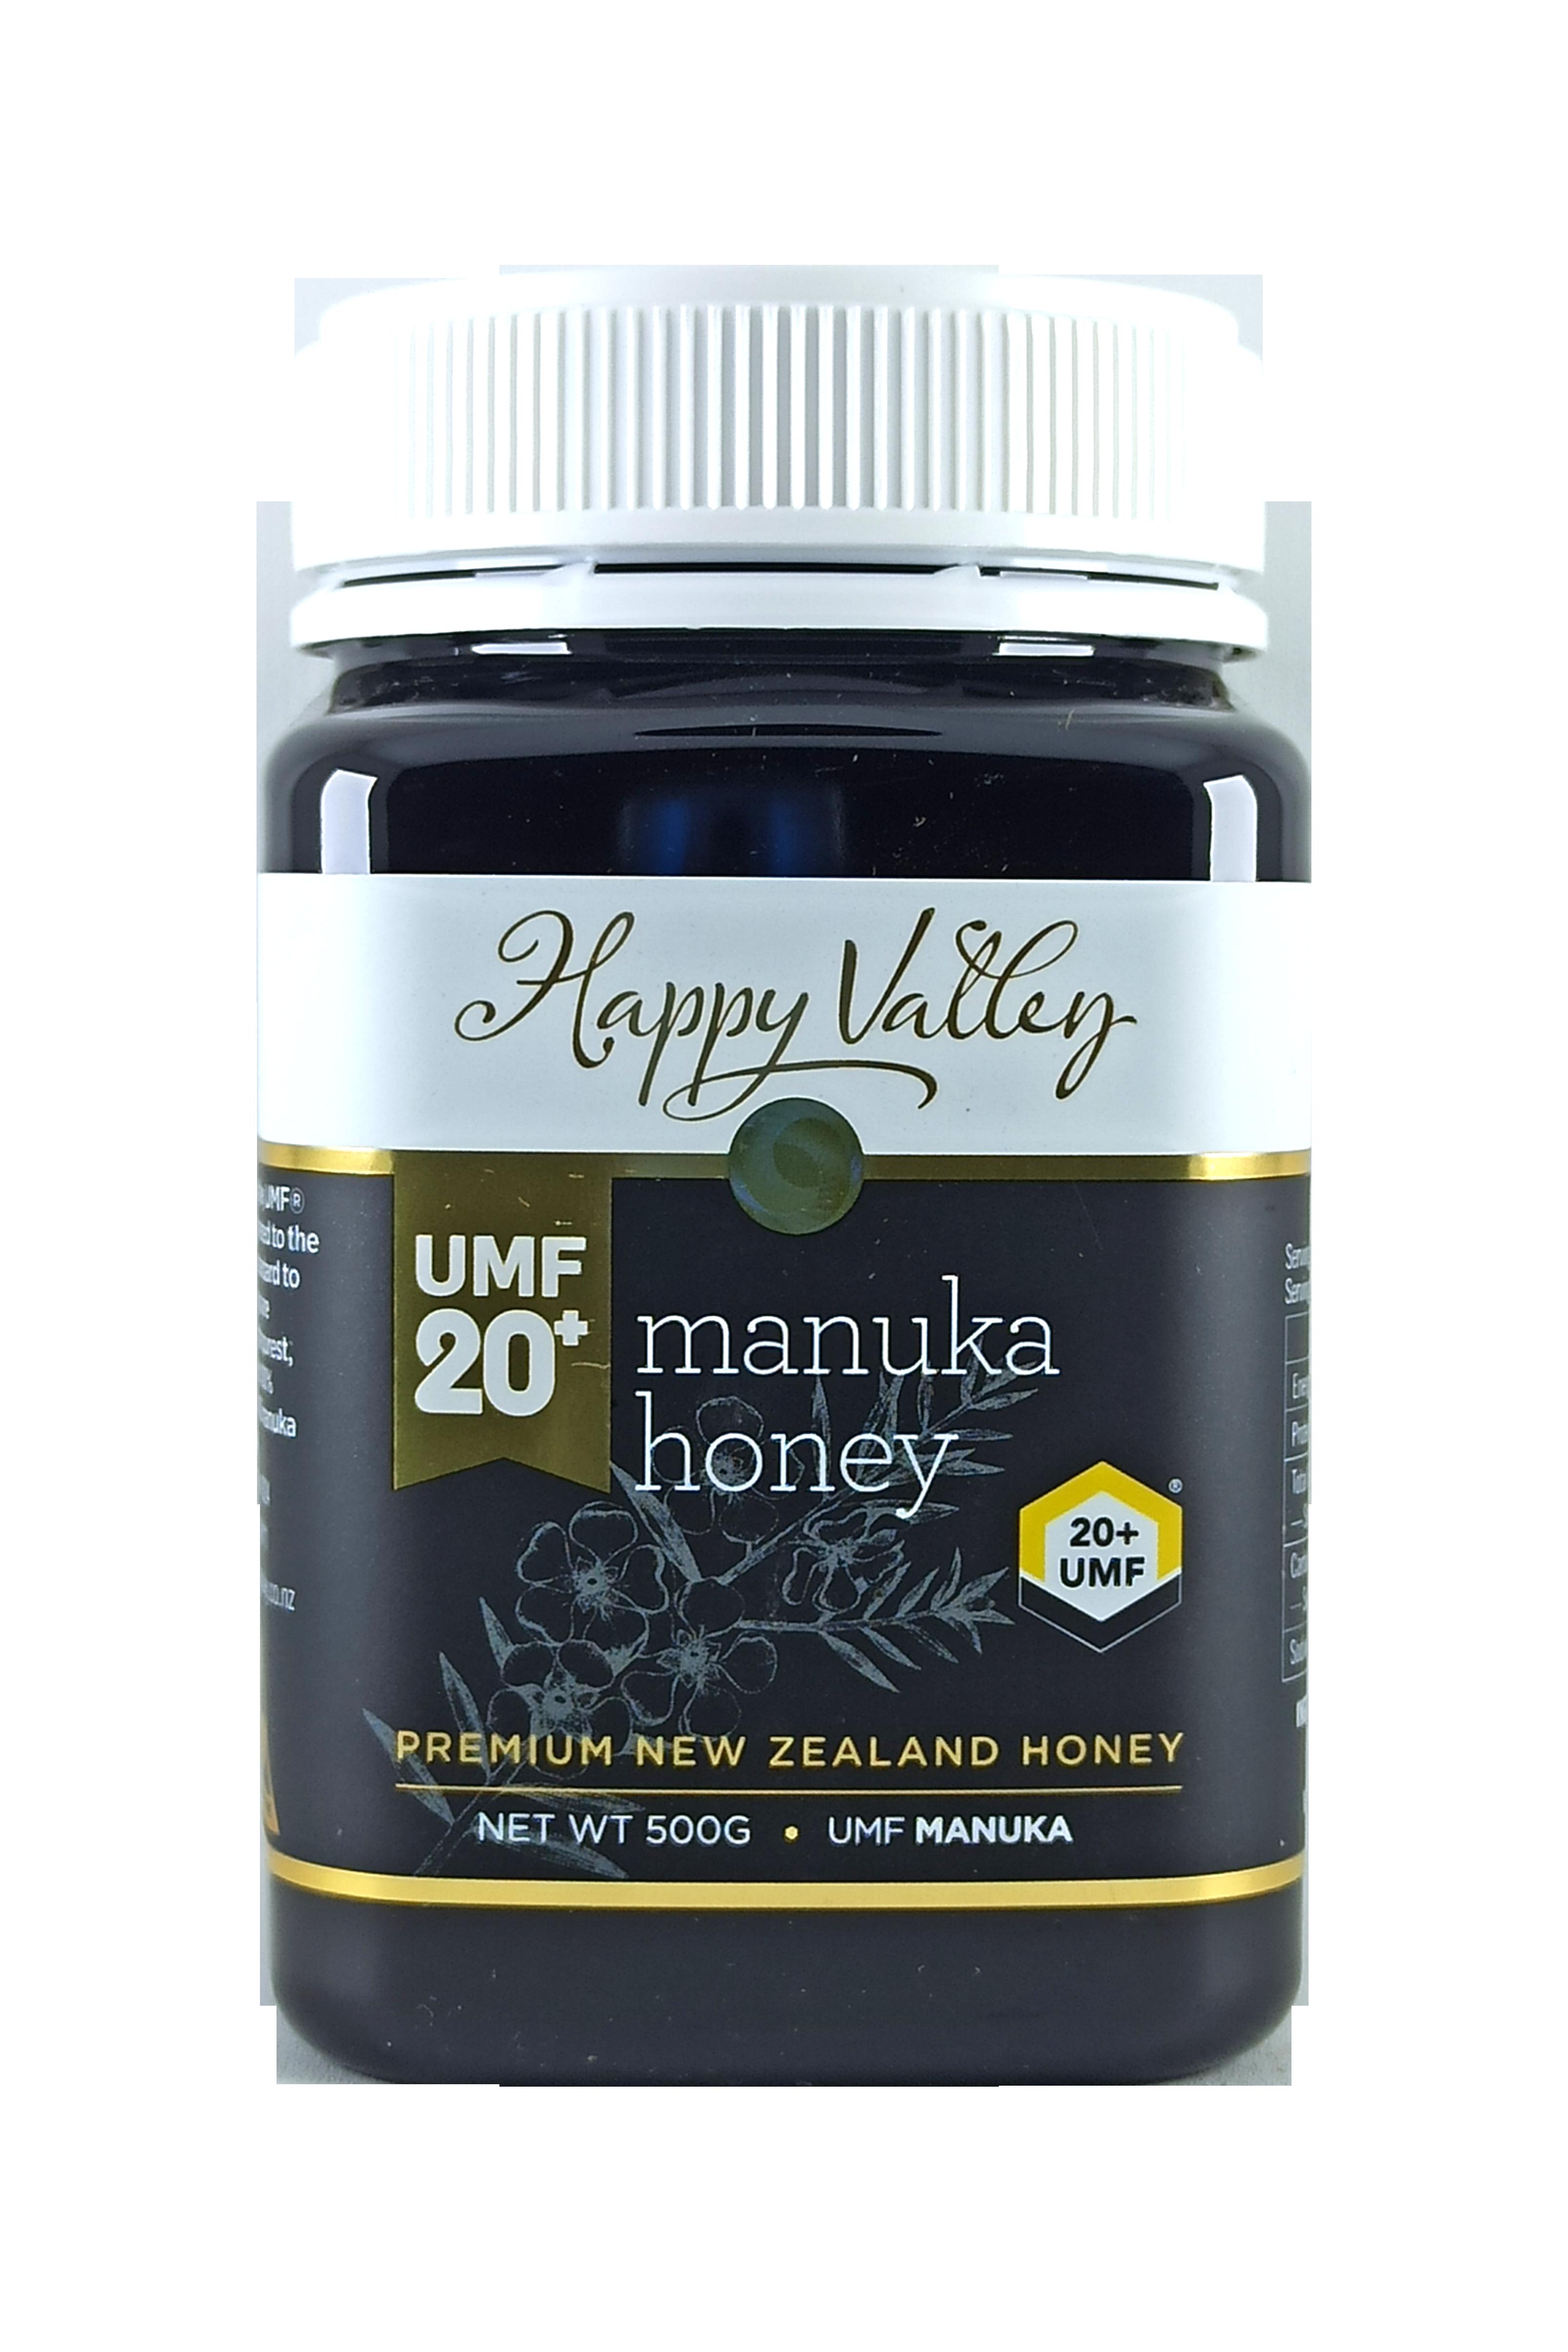 Happy Valley Honey UMF 20+ 500g